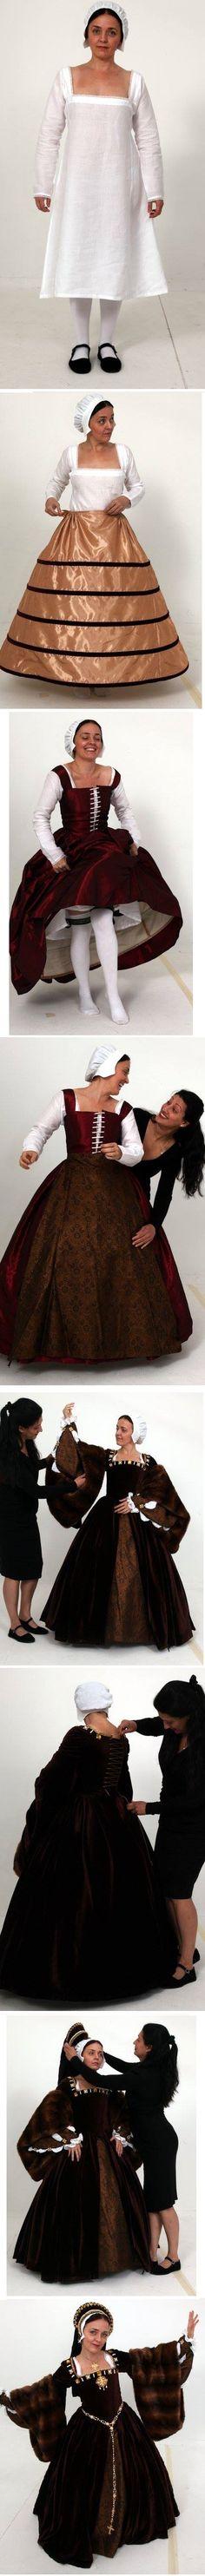 So viele verschiedene Lagen trugen Frauen in der Zeit der Tudors. Nicht viel anders sah Laura bei ihrem ersten Besuch im 16. Jahrhundert aus.